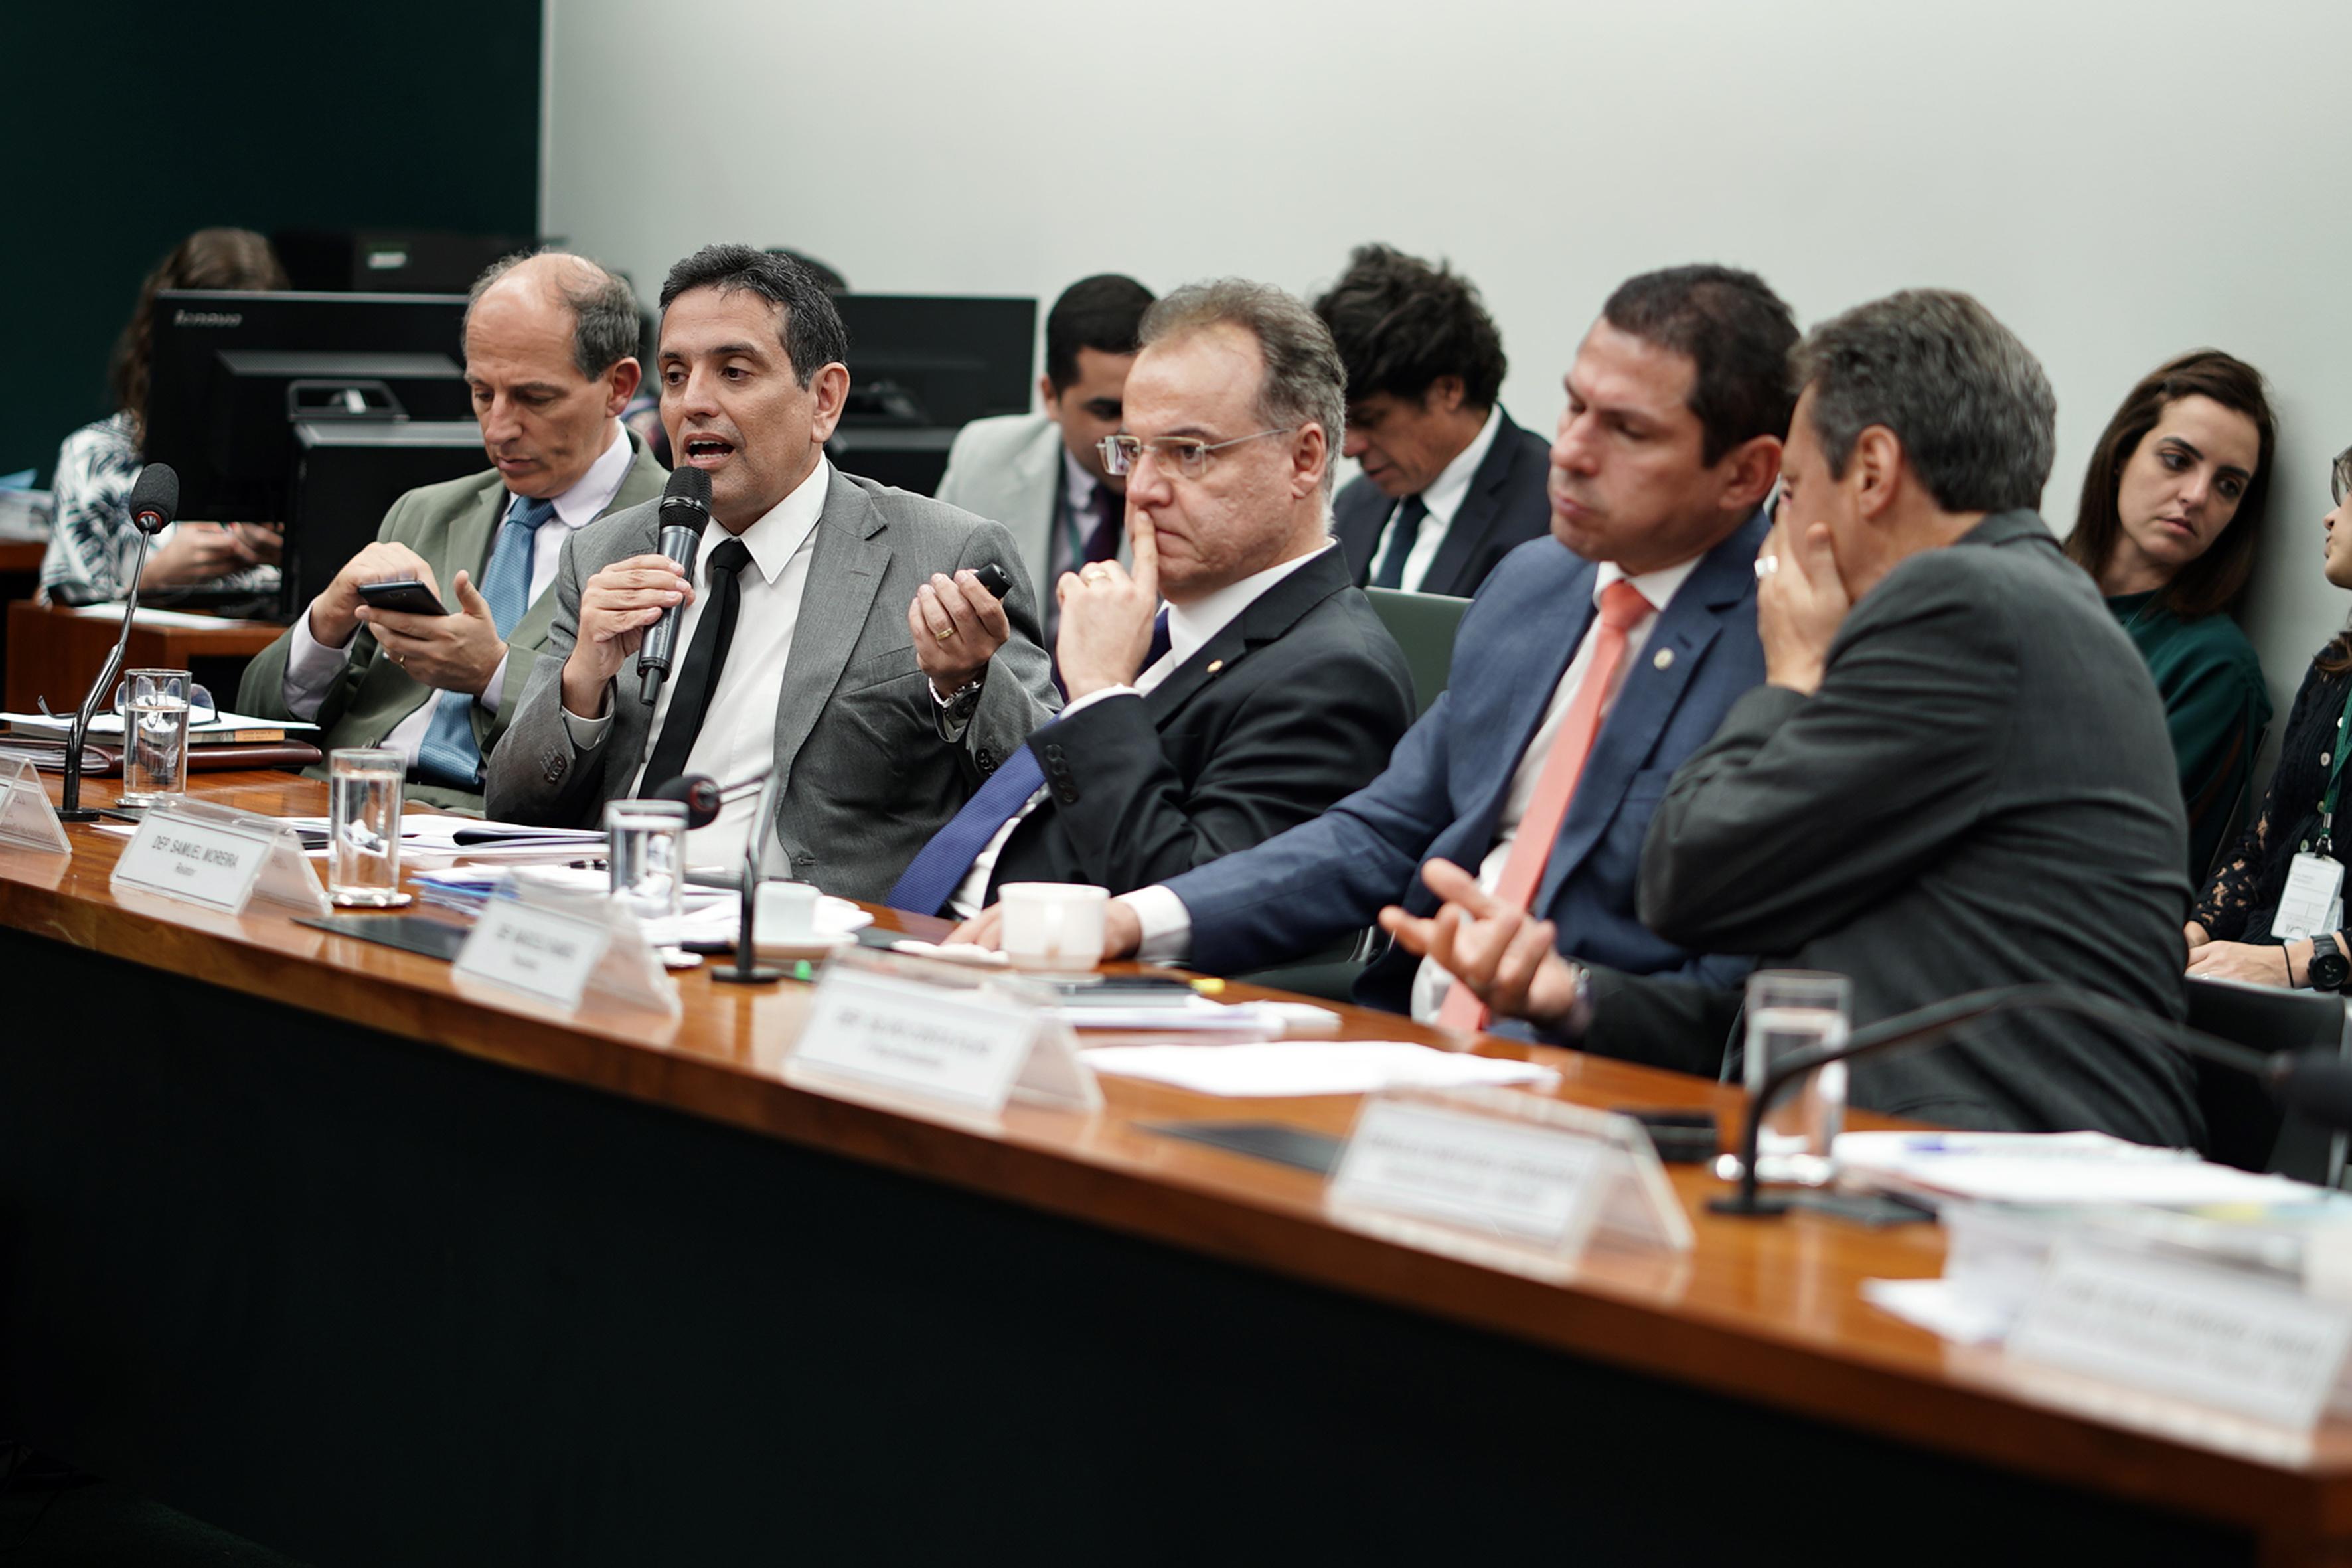 Audiência pública sobre o Regime Geral de Previdência Social (RGPS)